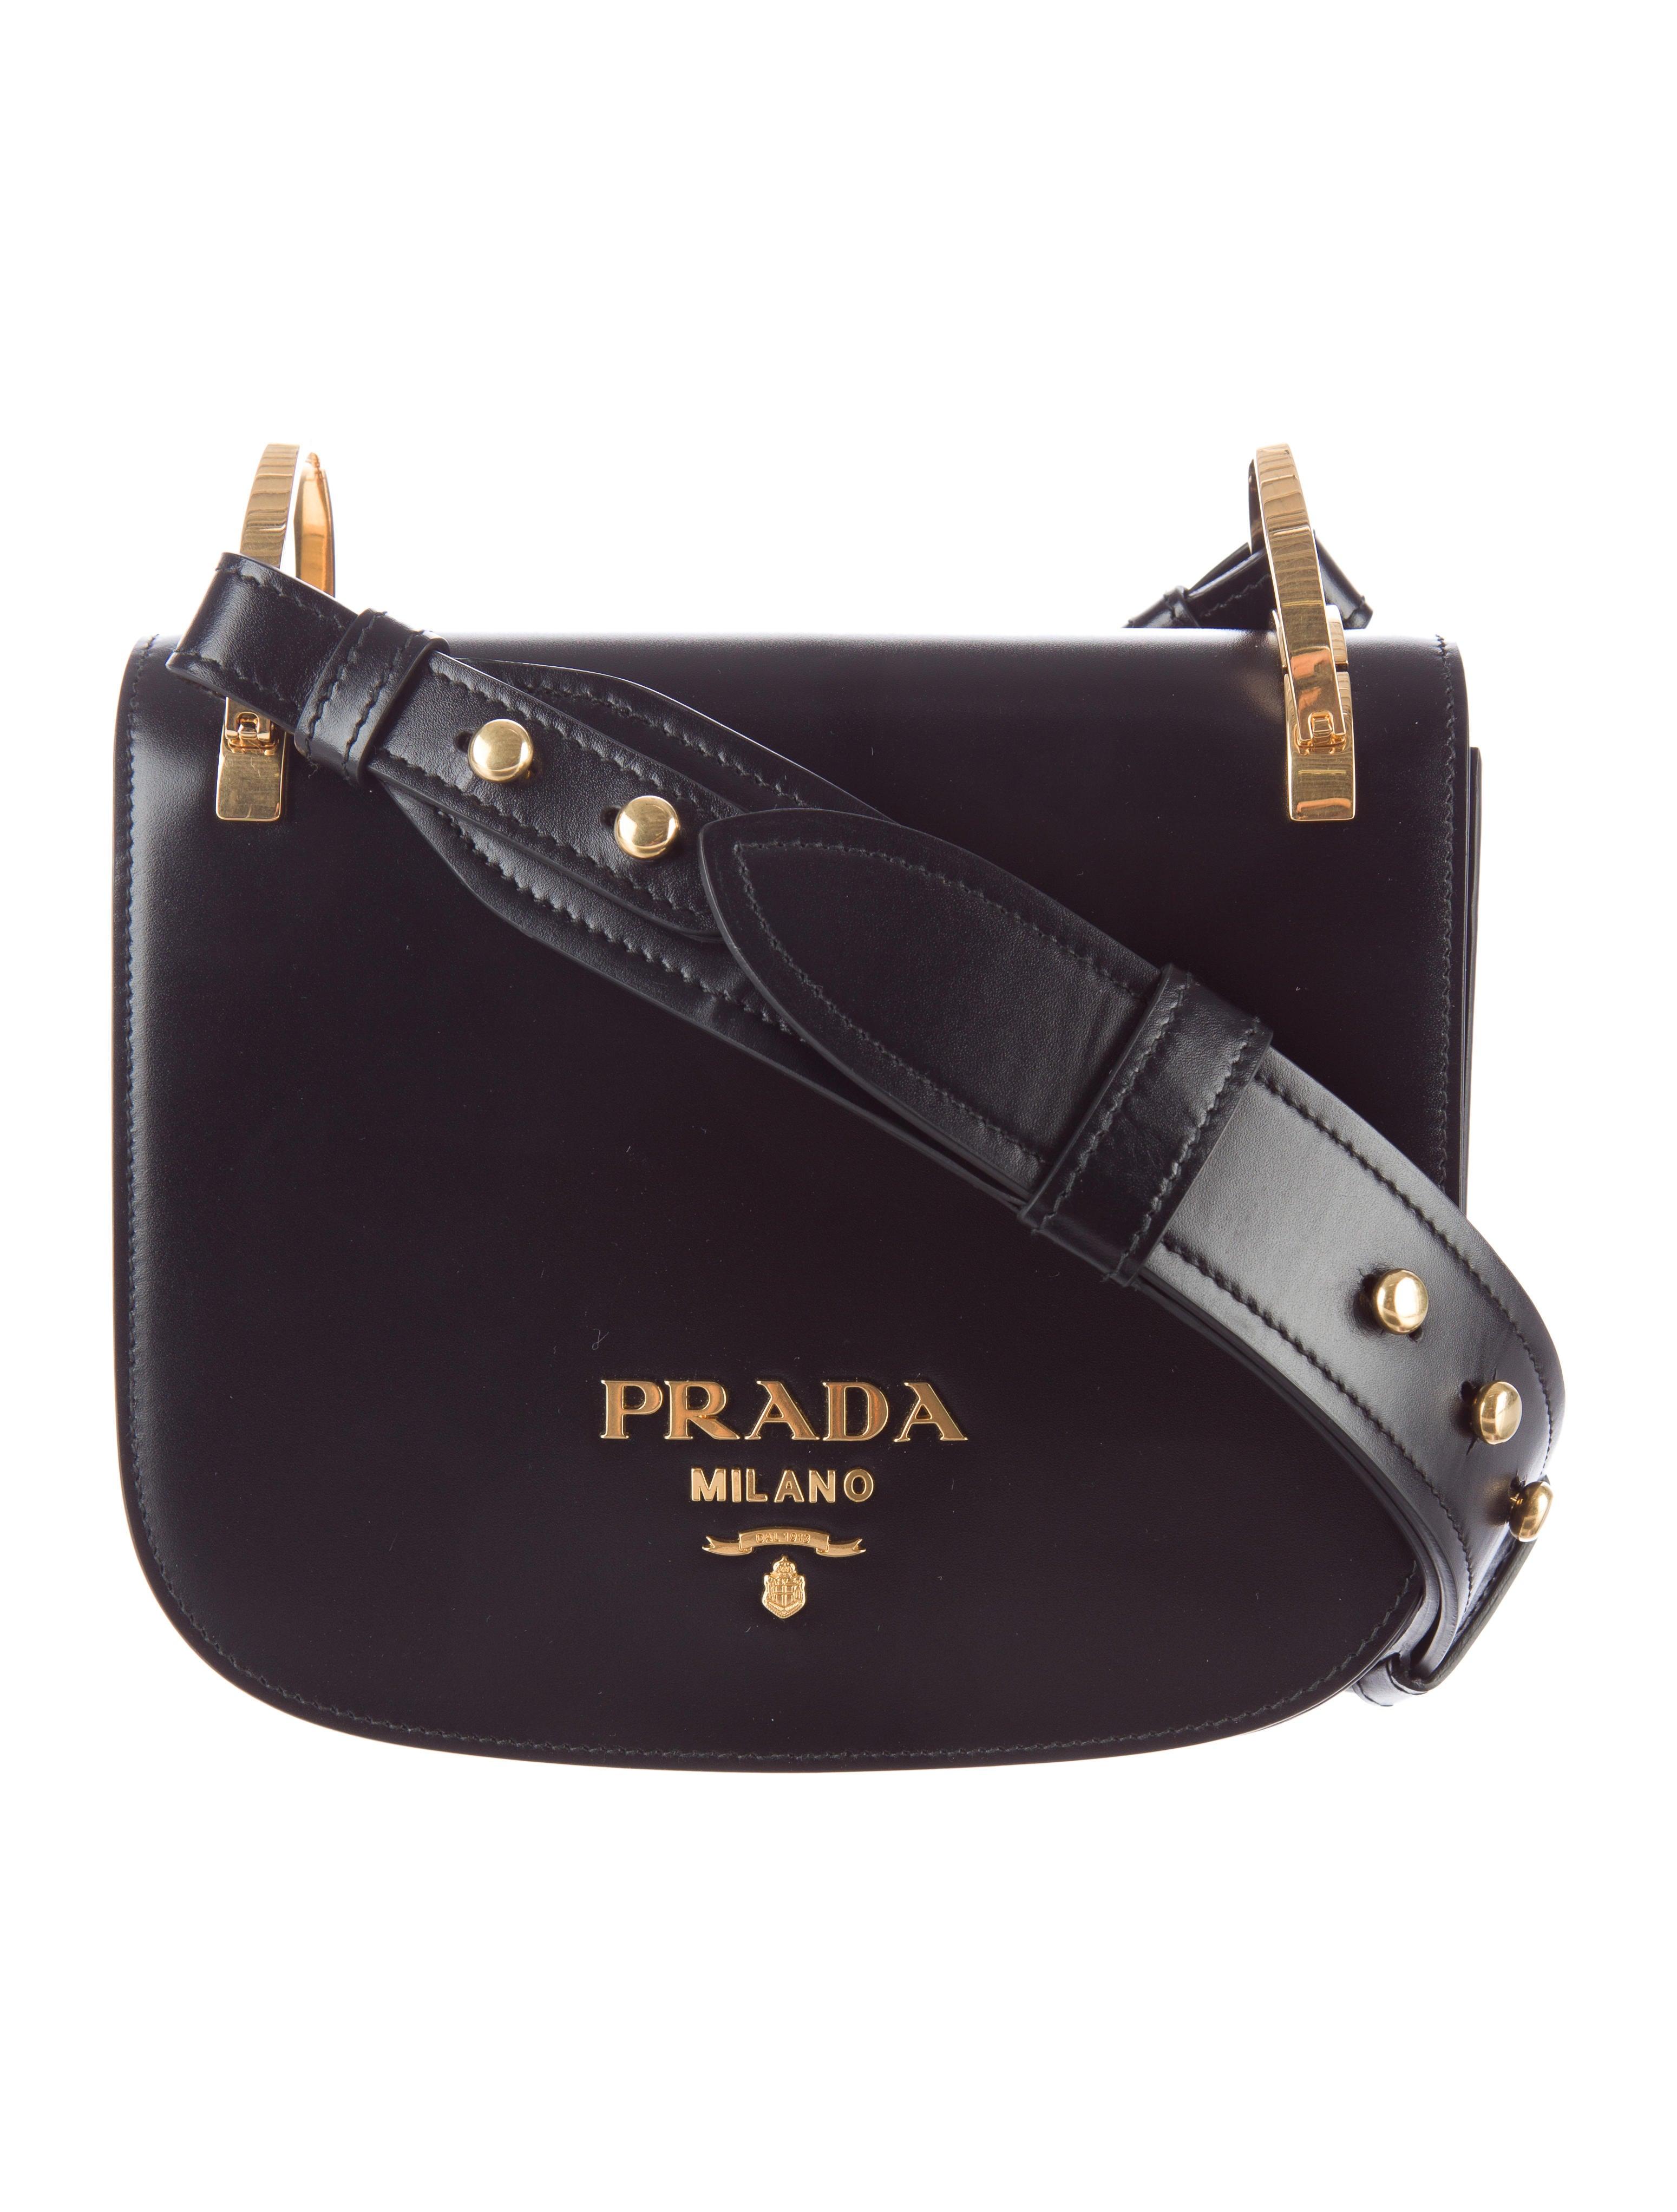 prada f w 16 vitello pionniere bag, suede prada handbag